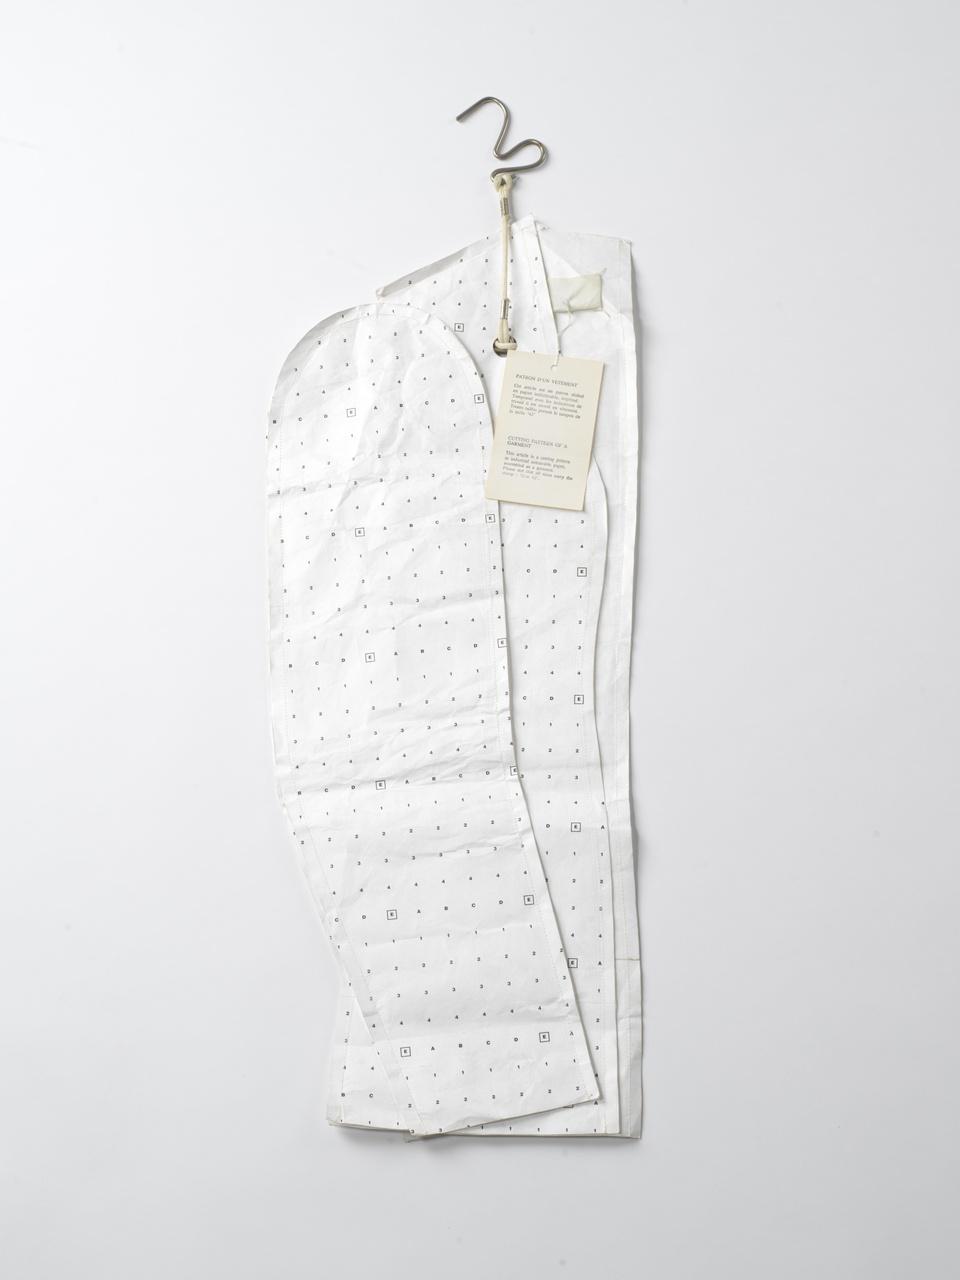 patroon damesjasje Flat Garment 1997-1998